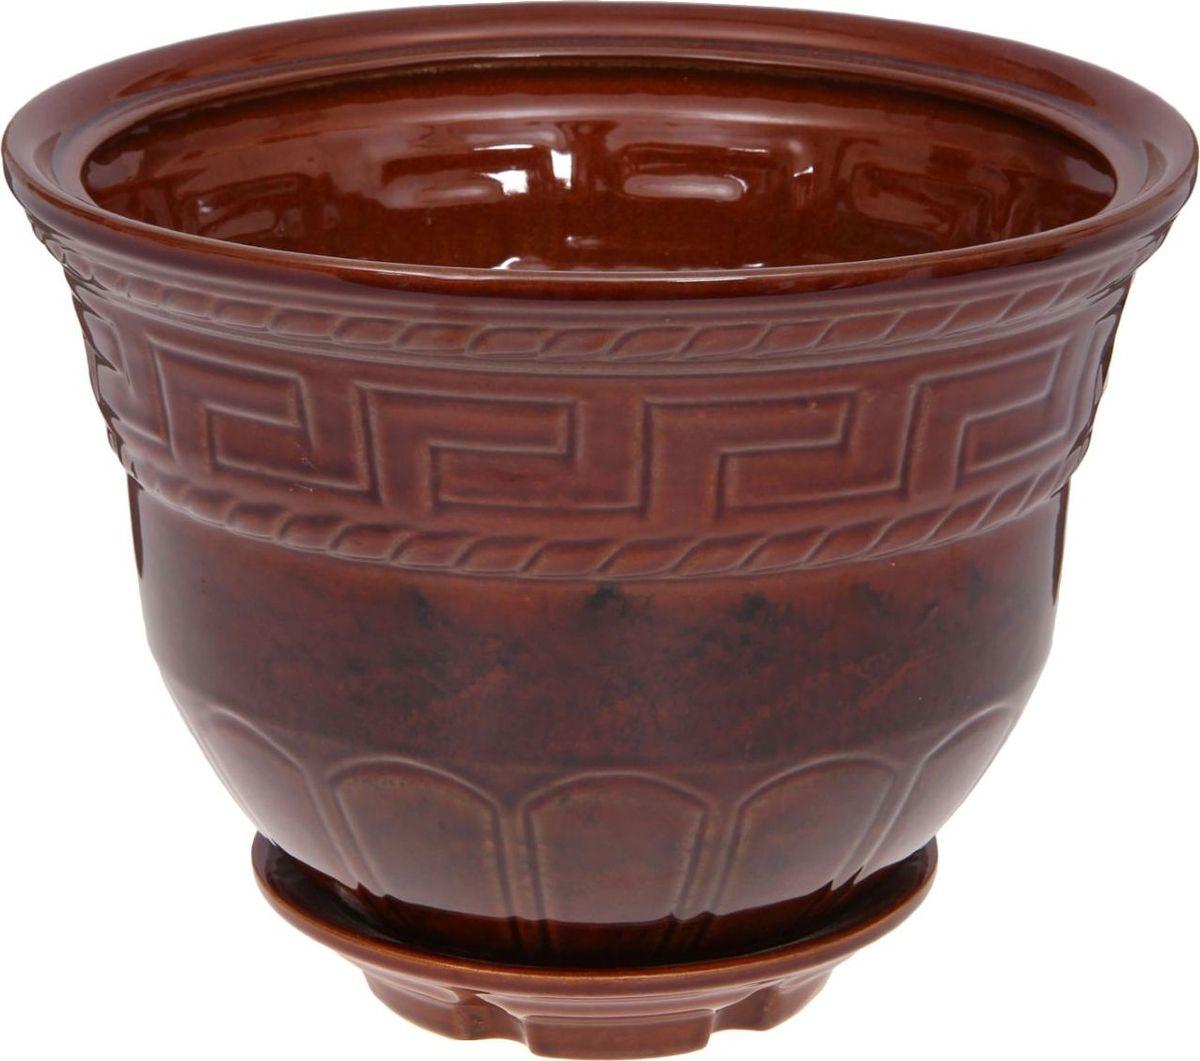 Кашпо Греция, цвет: коричневый, 6,3 л1143874Комнатные растения — всеобщие любимцы. Они радуют глаз, насыщают помещение кислородом и украшают пространство. Каждому из них необходим свой удобный и красивый дом. Кашпо из керамики прекрасно подходят для высадки растений: за счёт пластичности глины и разных способов обработки существует великое множество форм и дизайновпористый материал позволяет испаряться лишней влагевоздух, необходимый для дыхания корней, проникает сквозь керамические стенки! #name# позаботится о зелёном питомце, освежит интерьер и подчеркнёт его стиль.